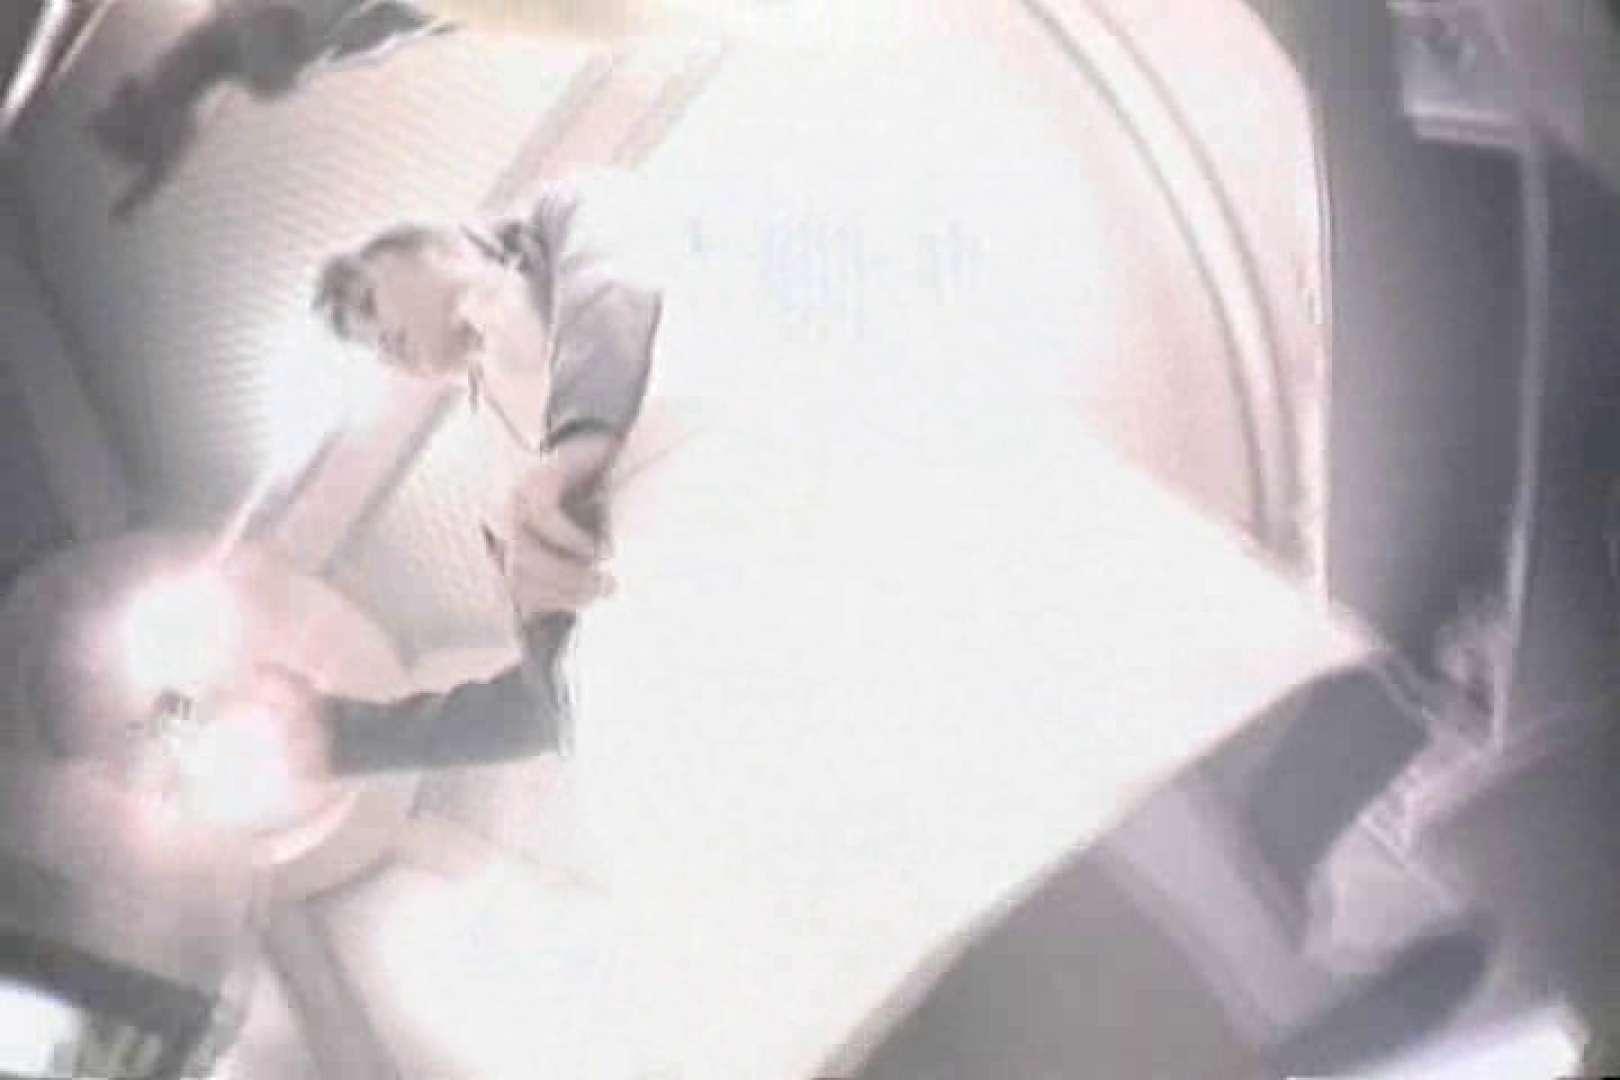 デパートローアングル徘徊 靴カメ盗撮Vol.1 チラ 盗撮AV動画キャプチャ 103画像 34